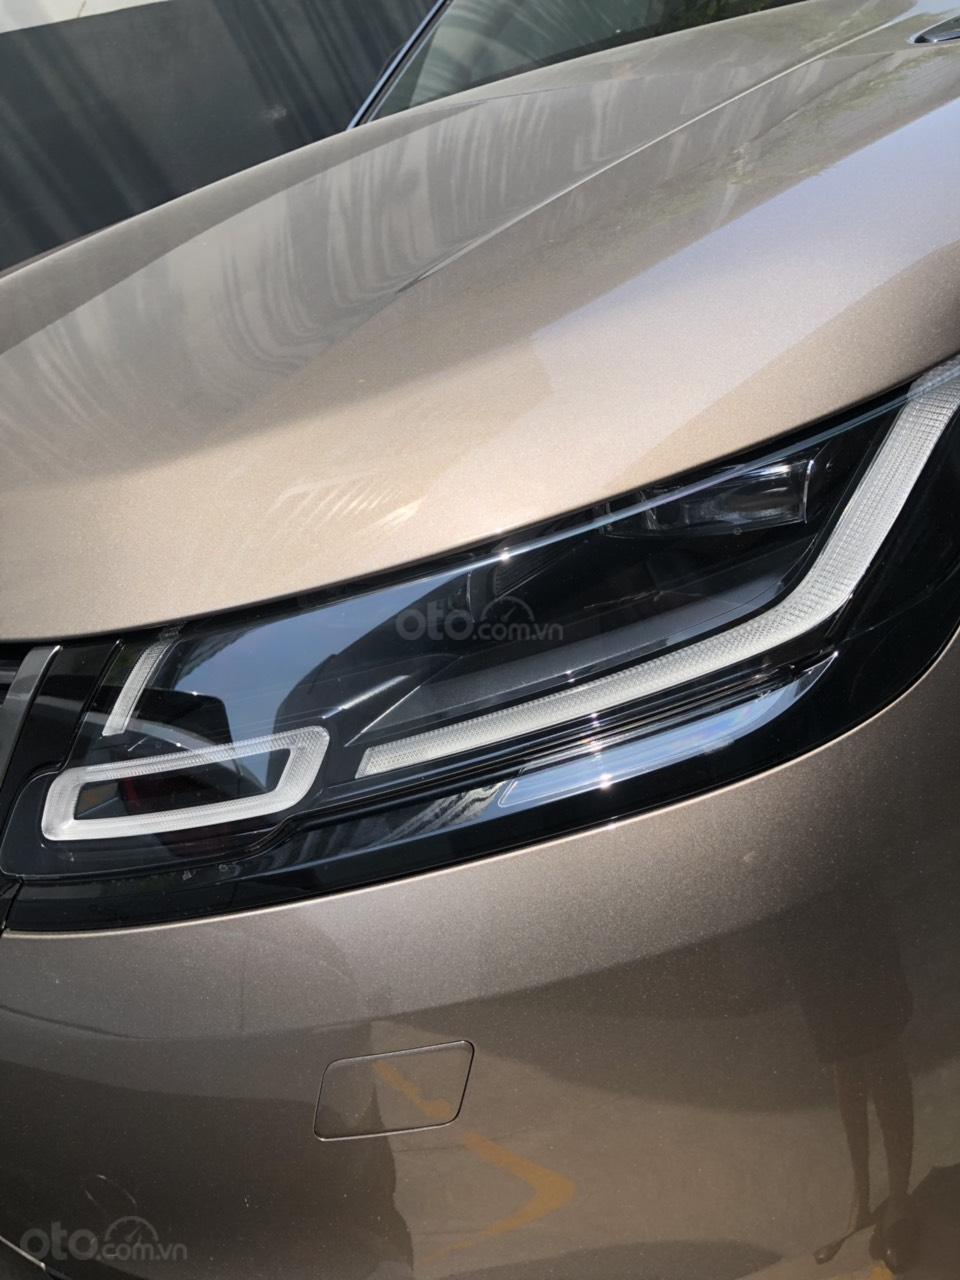 Chính chủ bán LandRover Range Rover Velar đời 2019, màu vàng đồng, xe nhập chính hãng, giá tốt (2)